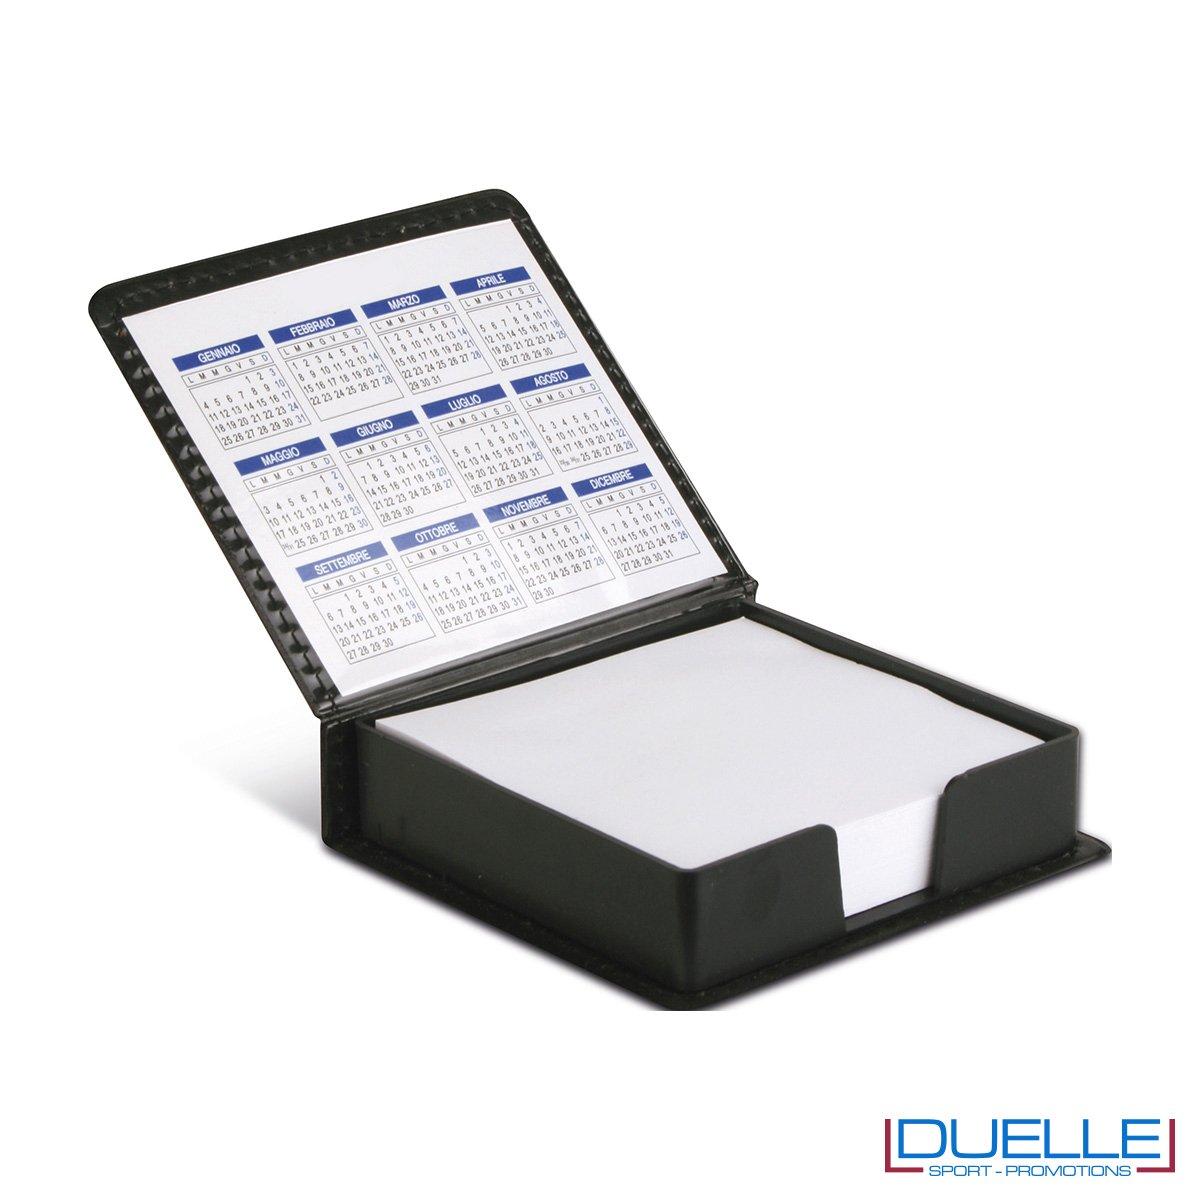 Blocco per appunti ufficio personalizzato, calendario ufficio personalizzato, set post-it personalizzati, gadget aziendali, gadget personalizzati